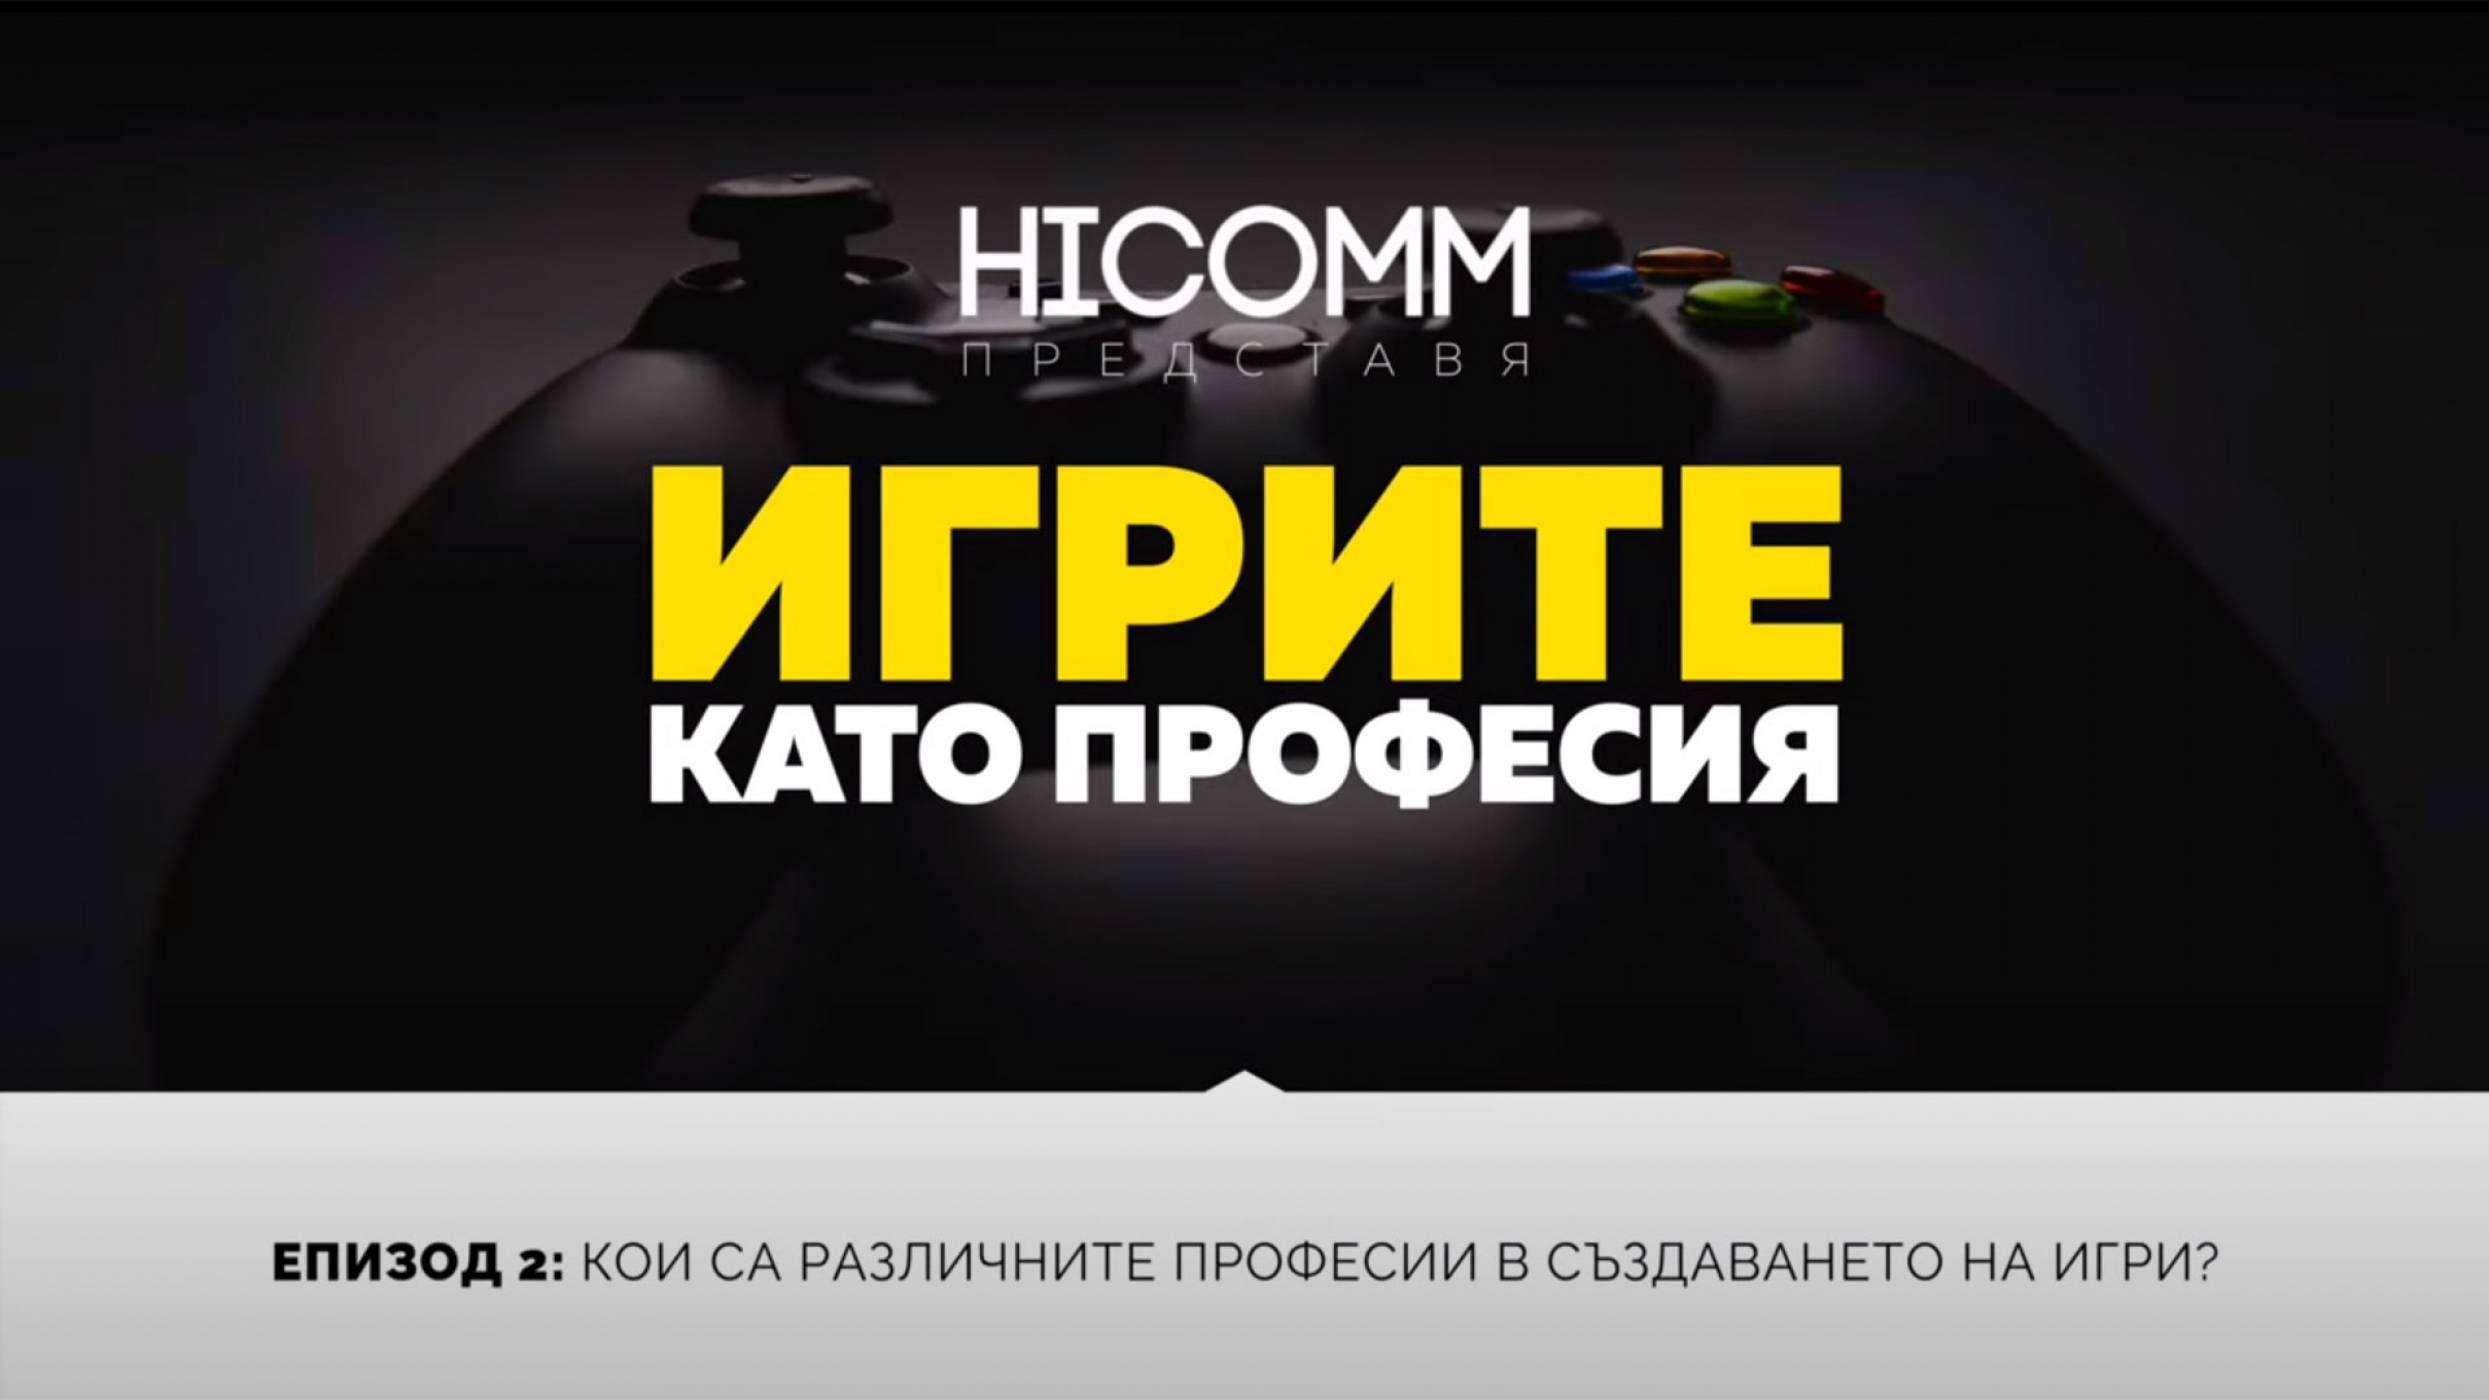 """Вторият епизод на предаването """"Игрите като професия"""" е онлайн (ВИДЕО)"""